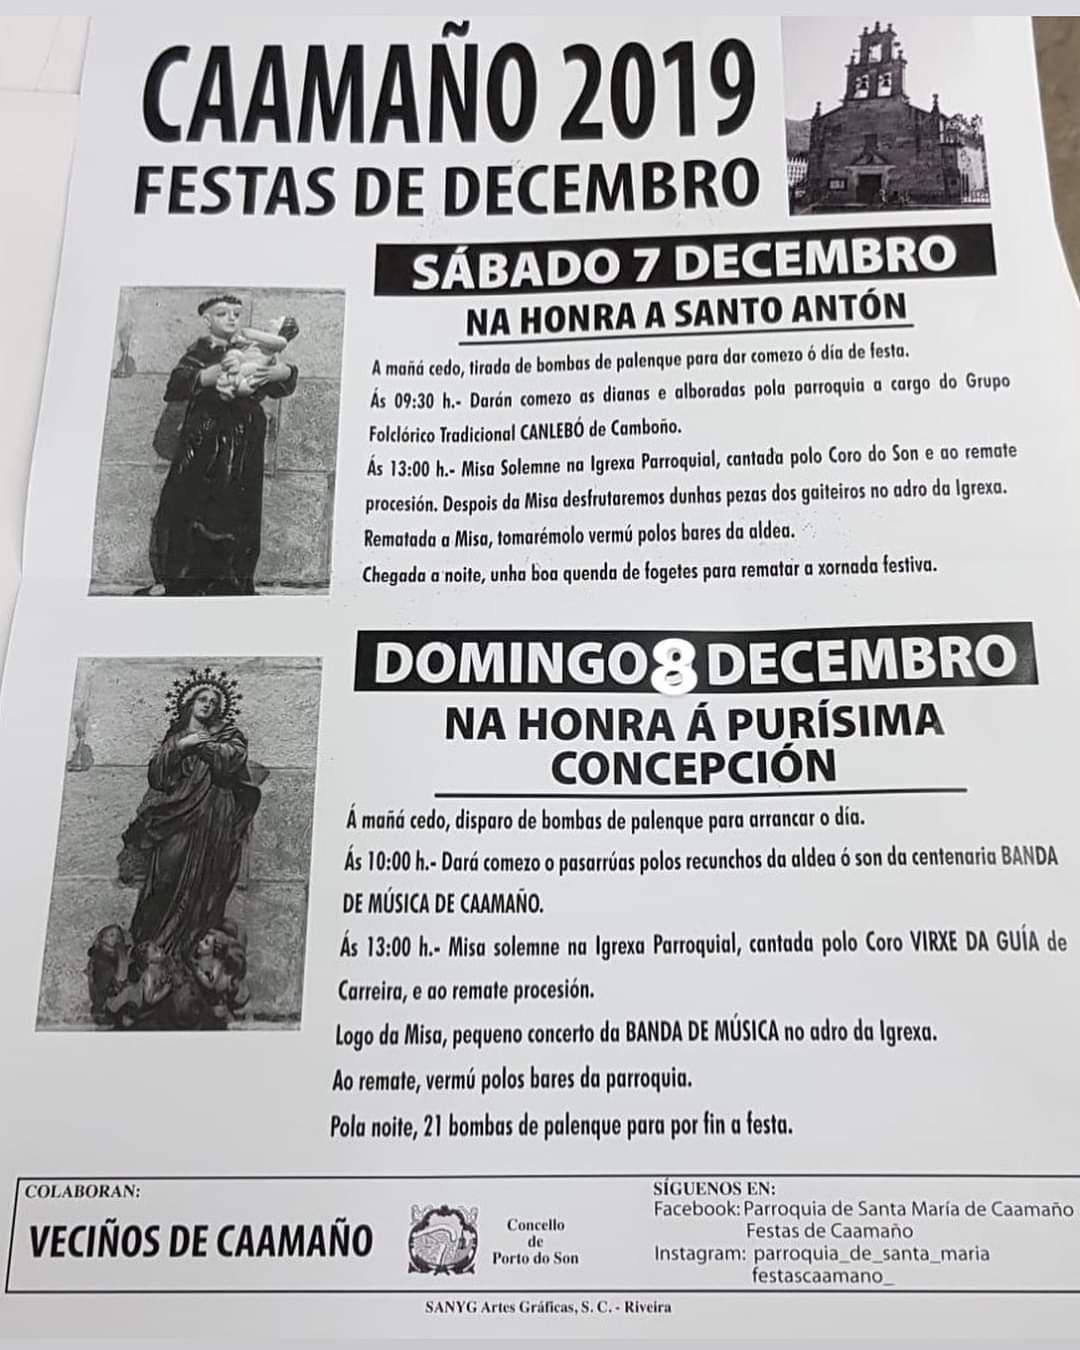 Juan Pouso (Carreira Sin-Son; cartel Nadal), José Martínez (festa en Caamaño)